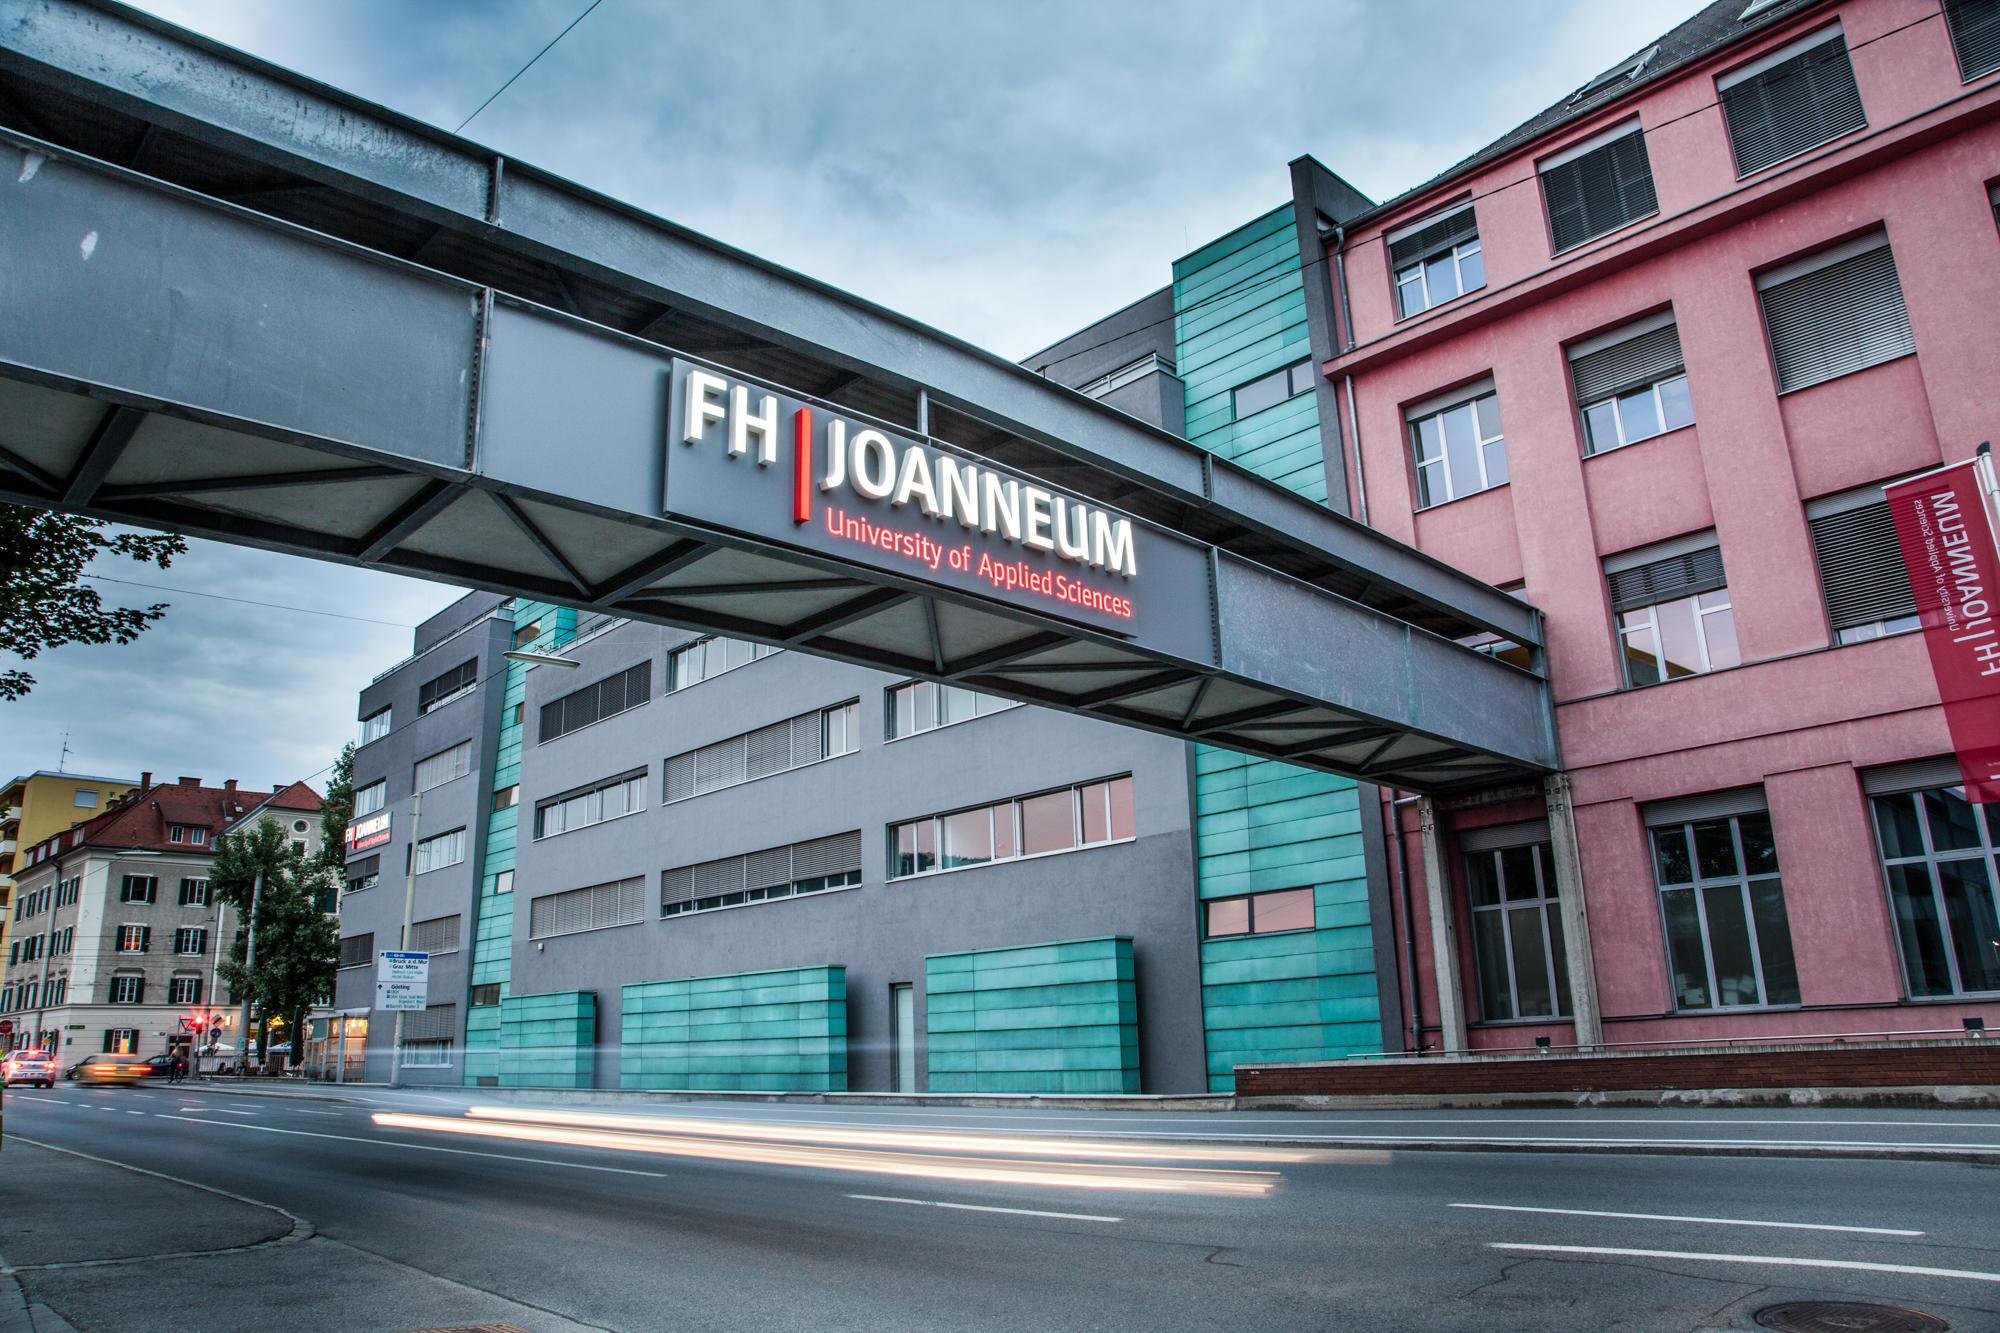 FH Joanneum Gesellschaft mbH